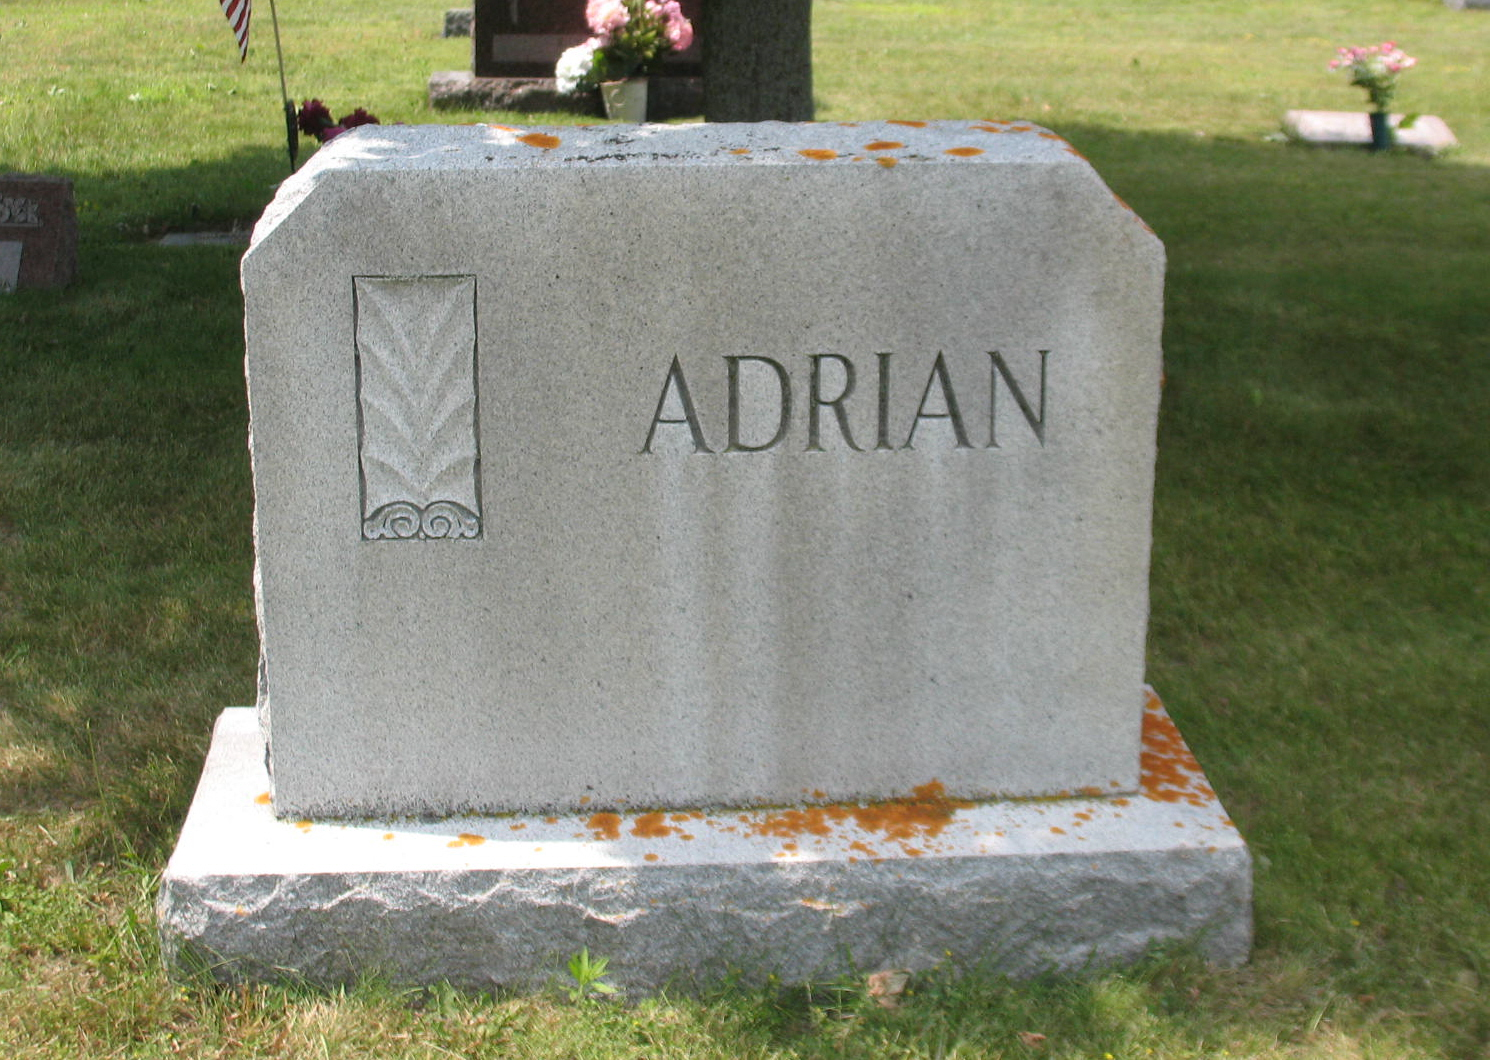 Henry John Adrian